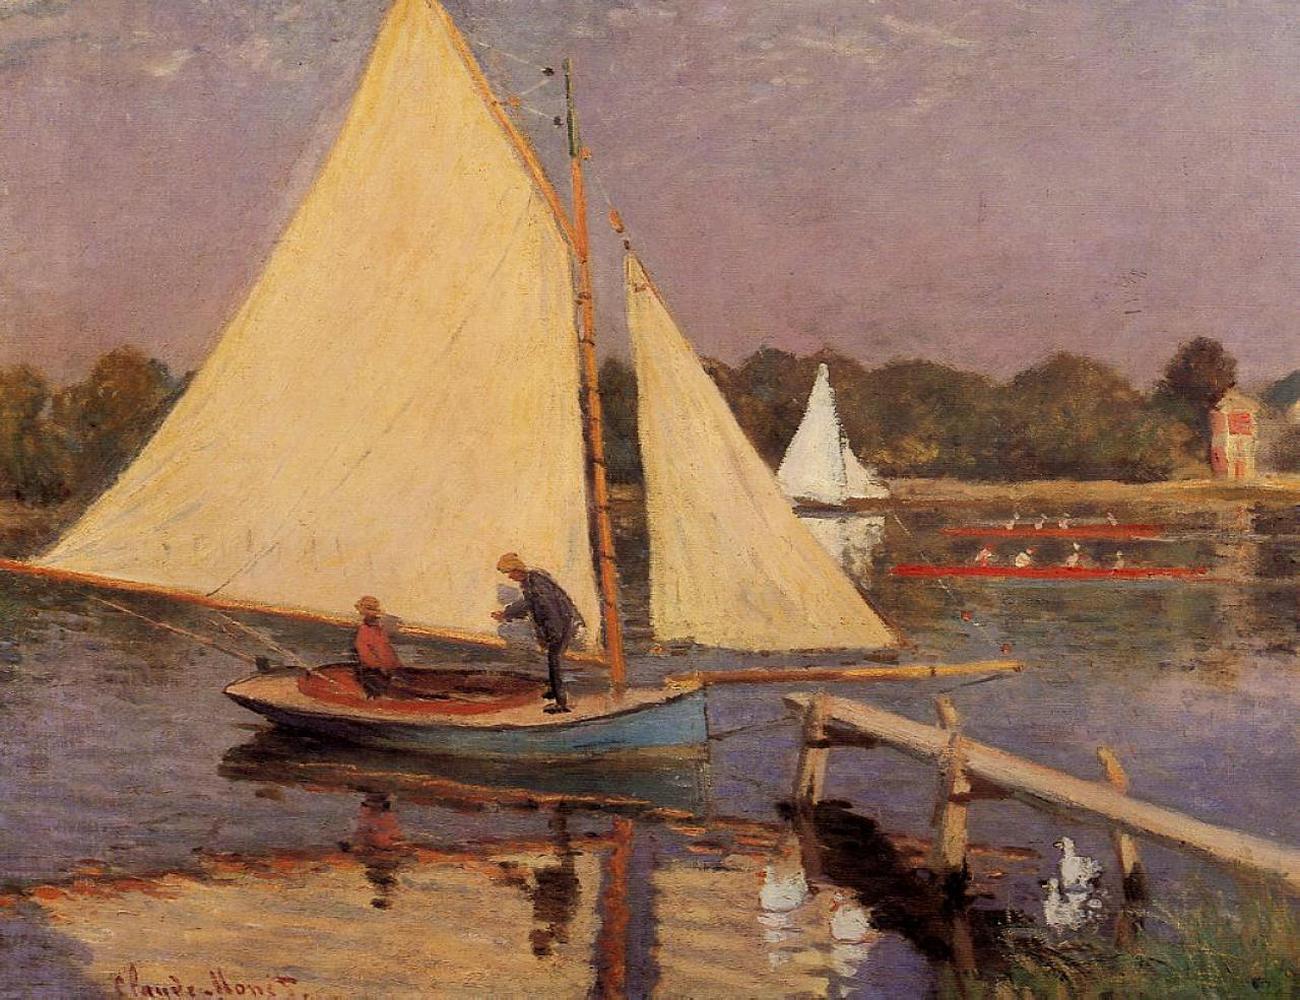 пейзажи - парусники и лодки < Лодки близ Аржантёя >:: Клод Моне, описание картины - Моне Клод (Claude Monet) фото